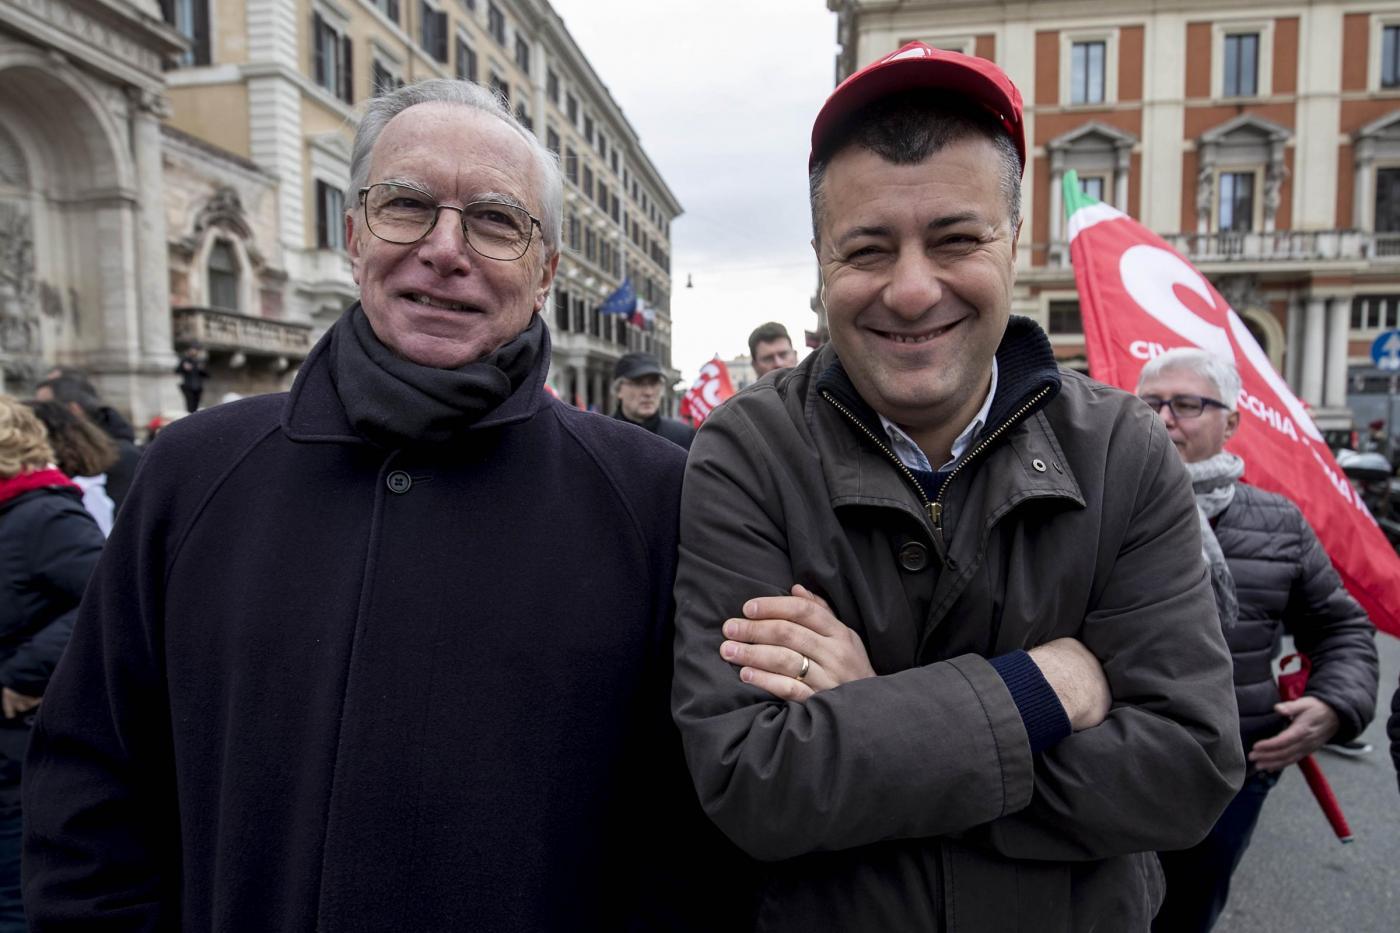 Addio al sindacalista e politico Guglielmo Epifani - Città Nuova - Città  Nuova